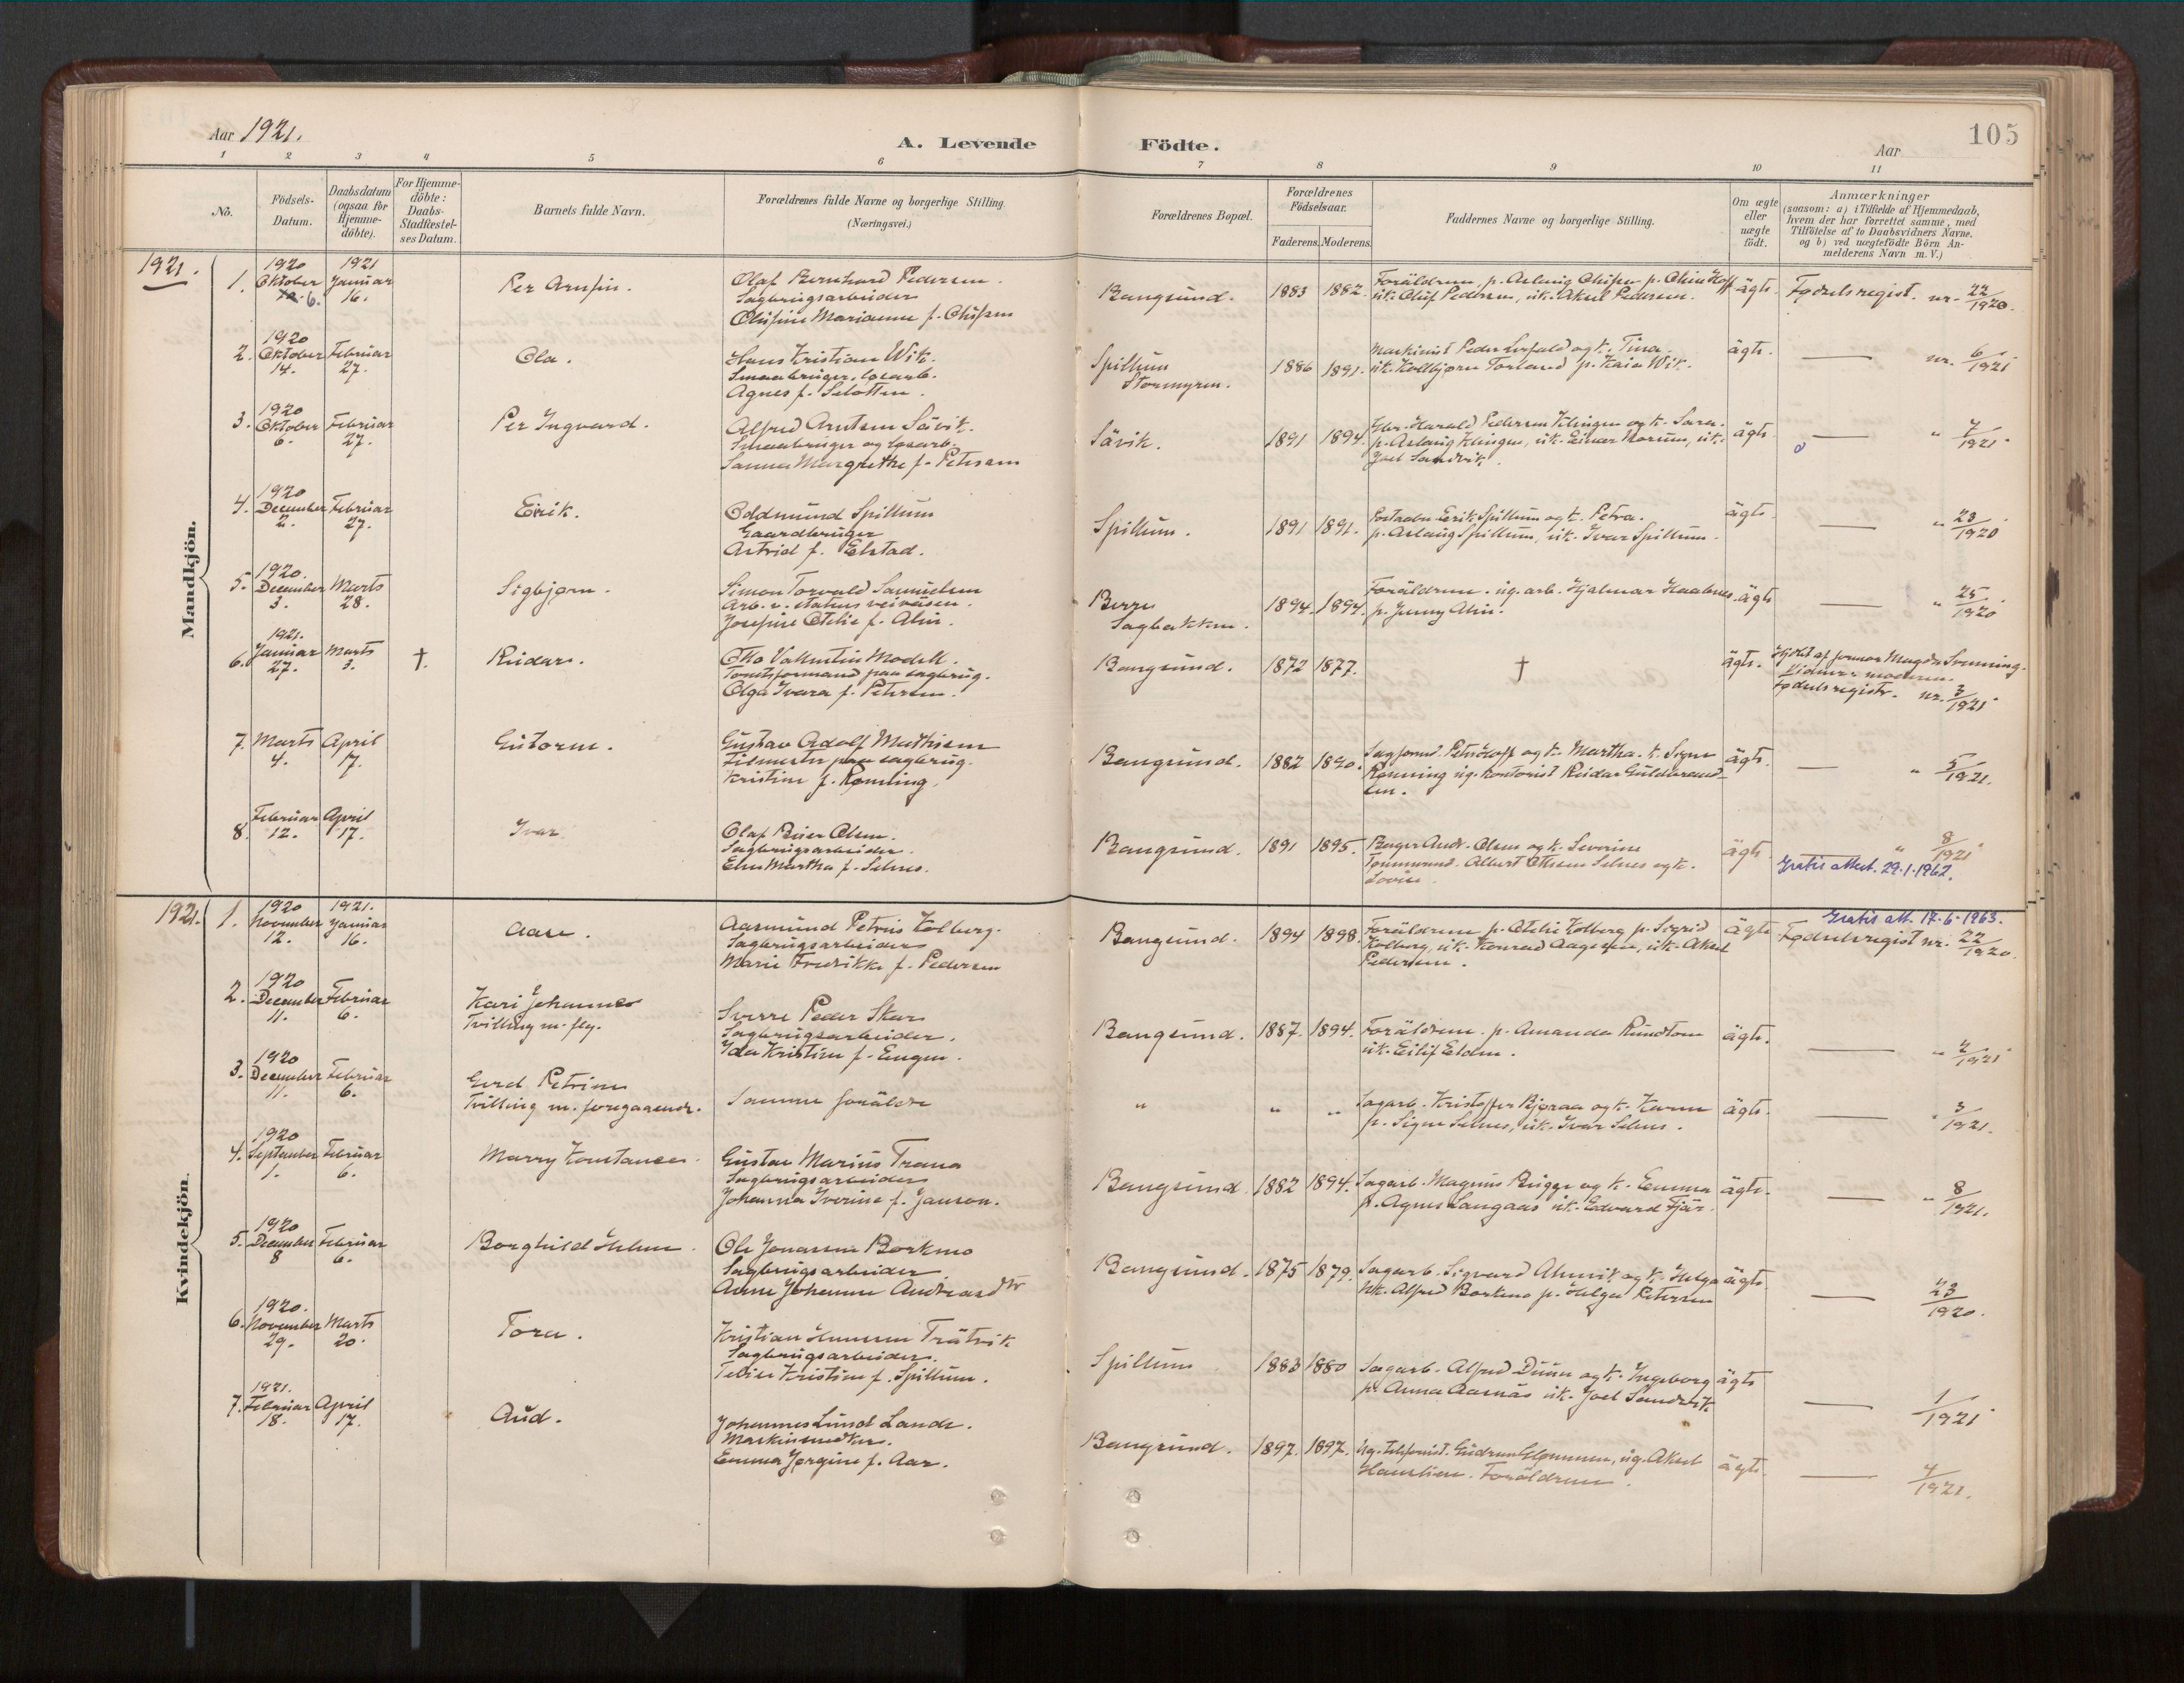 SAT, Ministerialprotokoller, klokkerbøker og fødselsregistre - Nord-Trøndelag, 770/L0589: Ministerialbok nr. 770A03, 1887-1929, s. 105